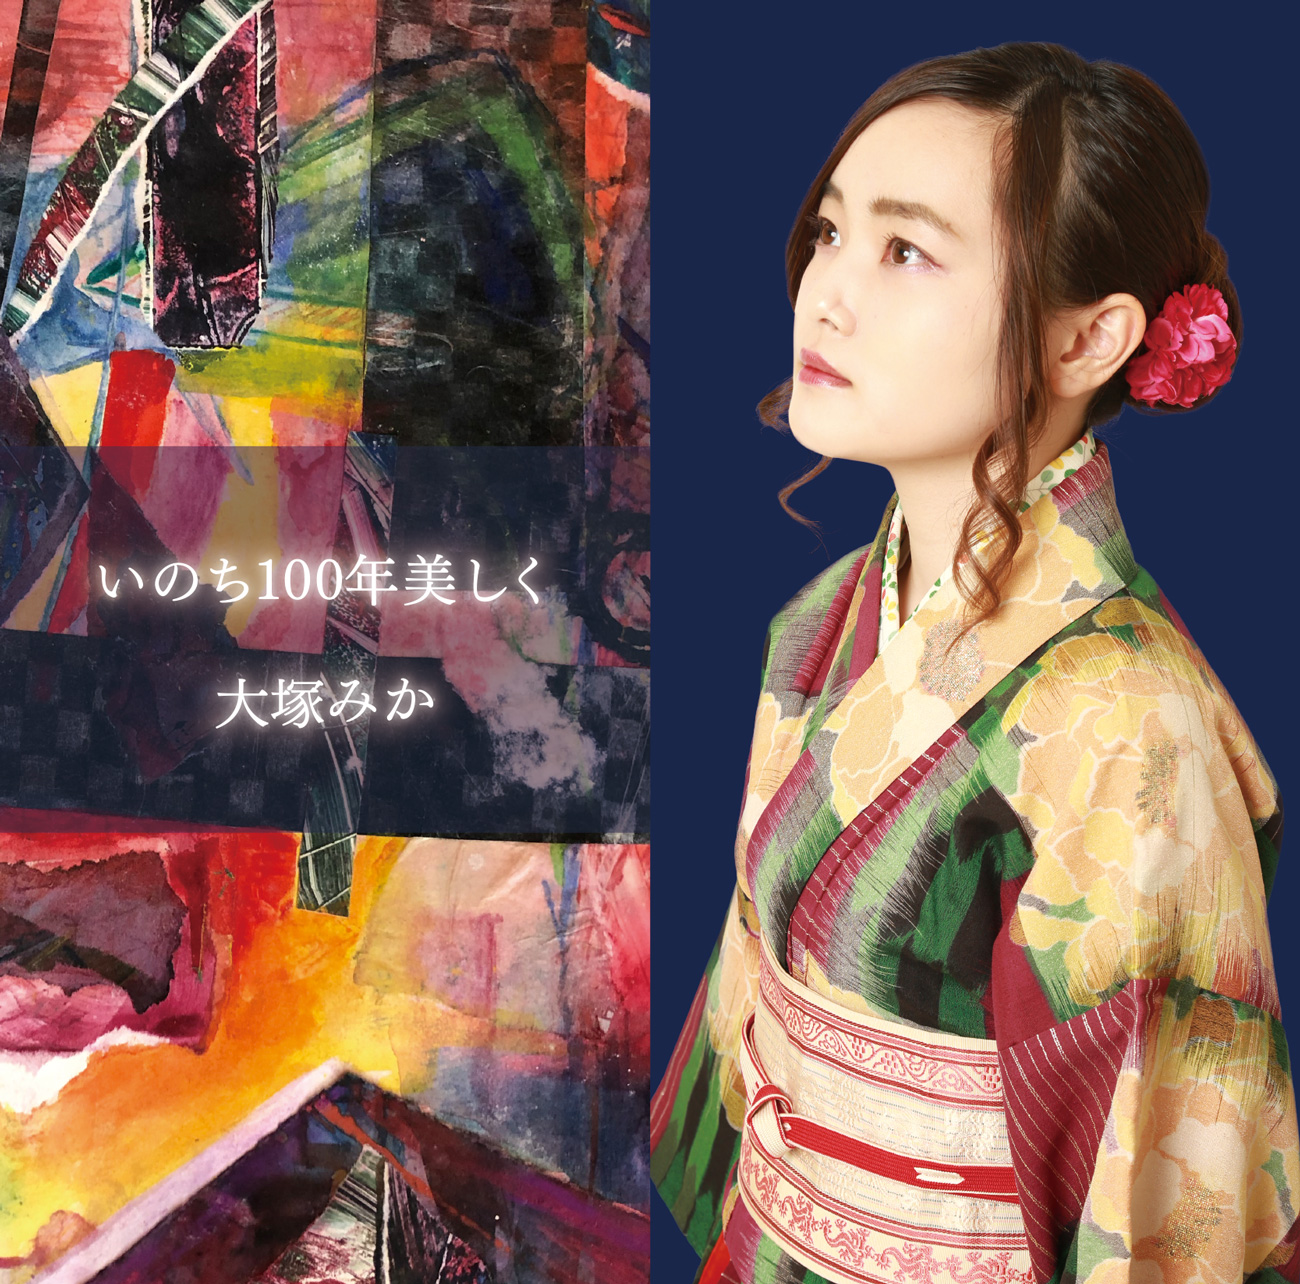 【43プロジェクト】大塚みかソロ2ndシングル「いのち100年美しく」6/6(水)リリース!